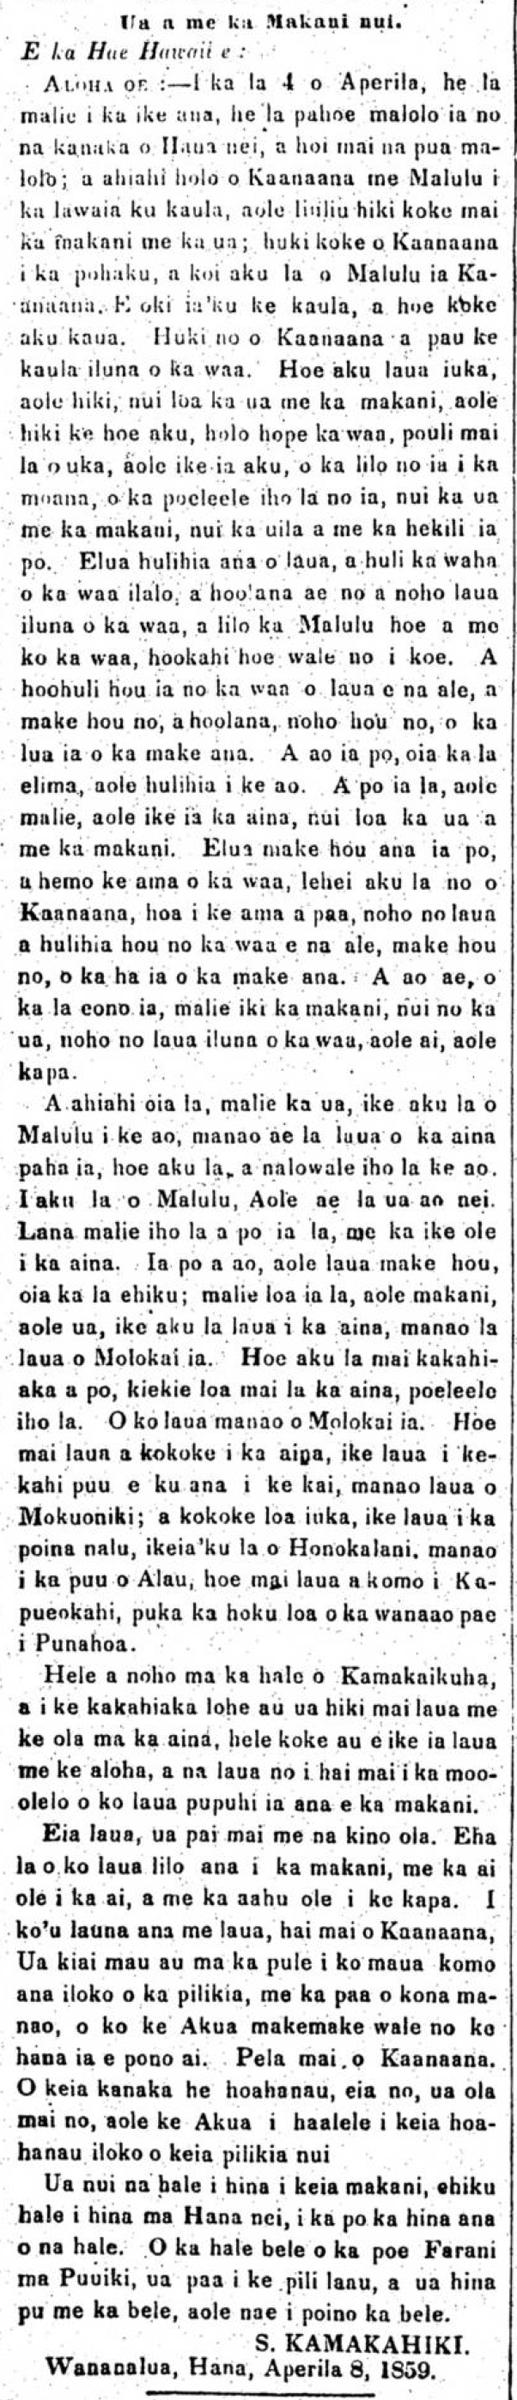 HaeHawaii_4_27_1859_16.png